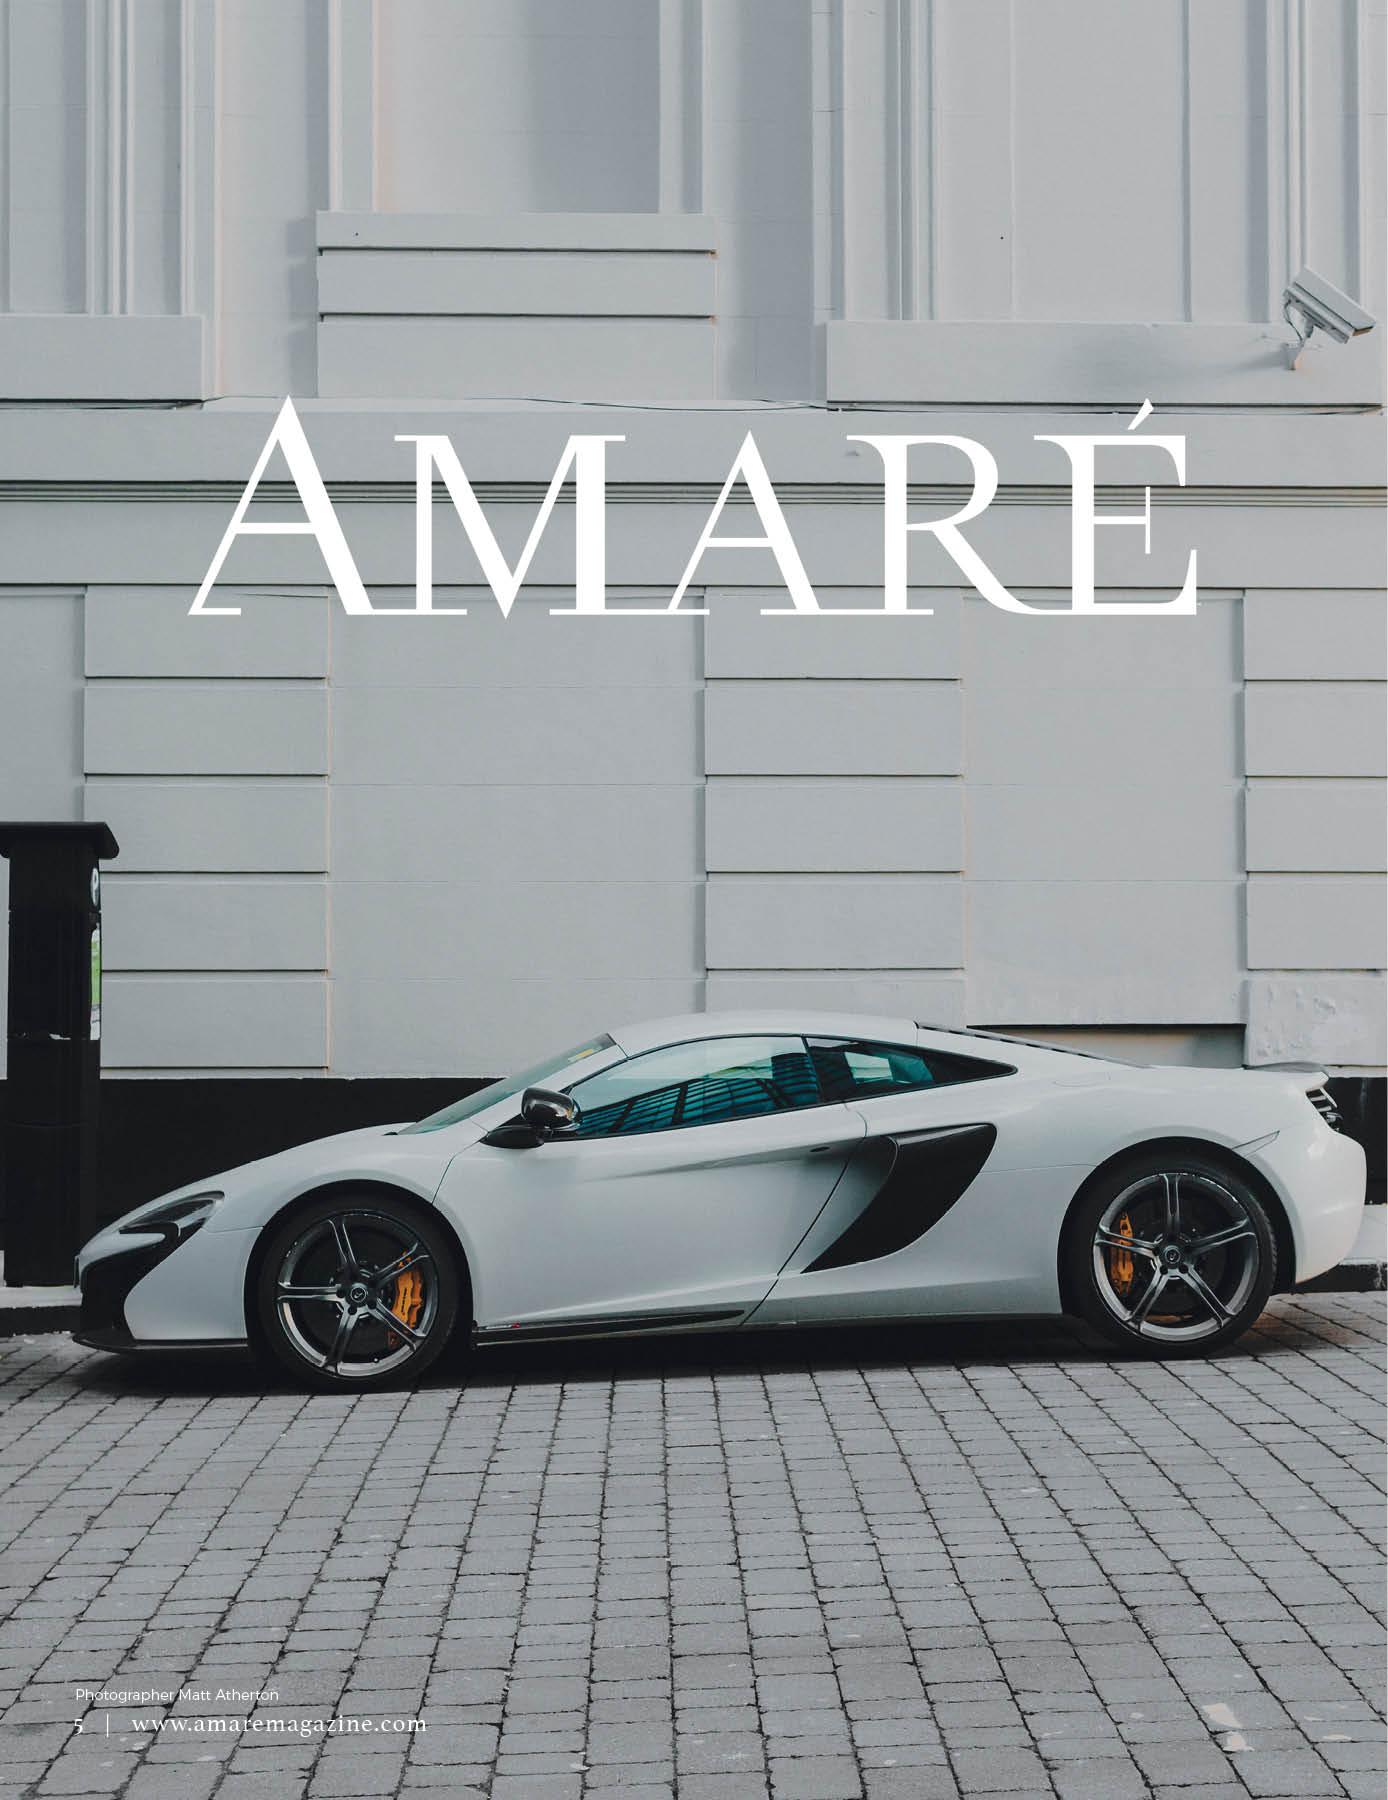 AMARE-Issue-106.jpg